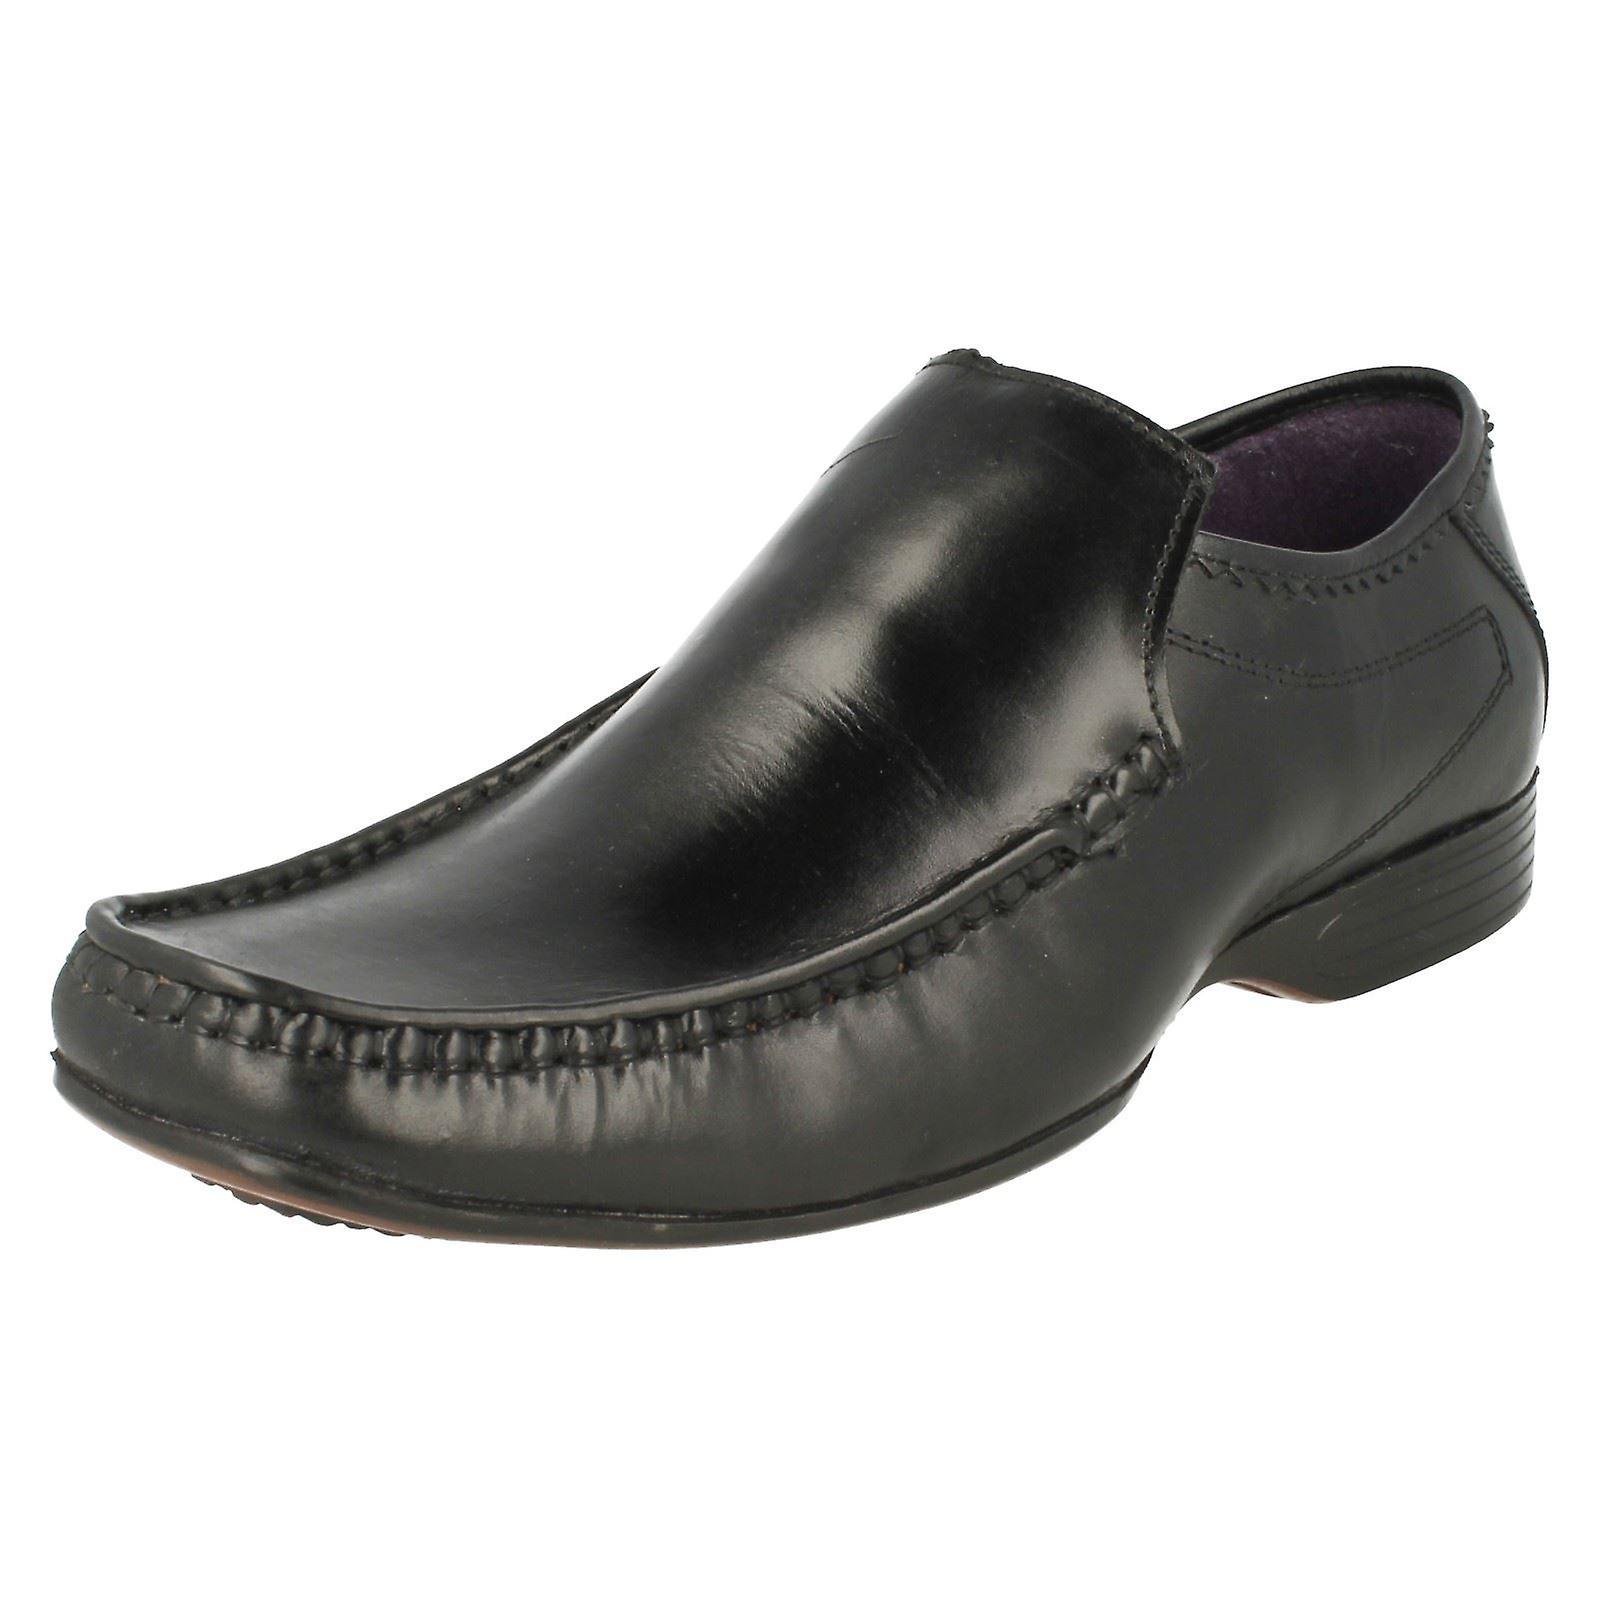 Mocassin en cuir Smart  s Lambretta chaussures Sydney 209501 209501 209501   En Ligne Outlet Store    Modèles à La Mode    Pour Gagner L'éloge Chaleureux Auprès De Ses Clients    Des Matériaux Supérieurs    Service Supremacy  1e2f76